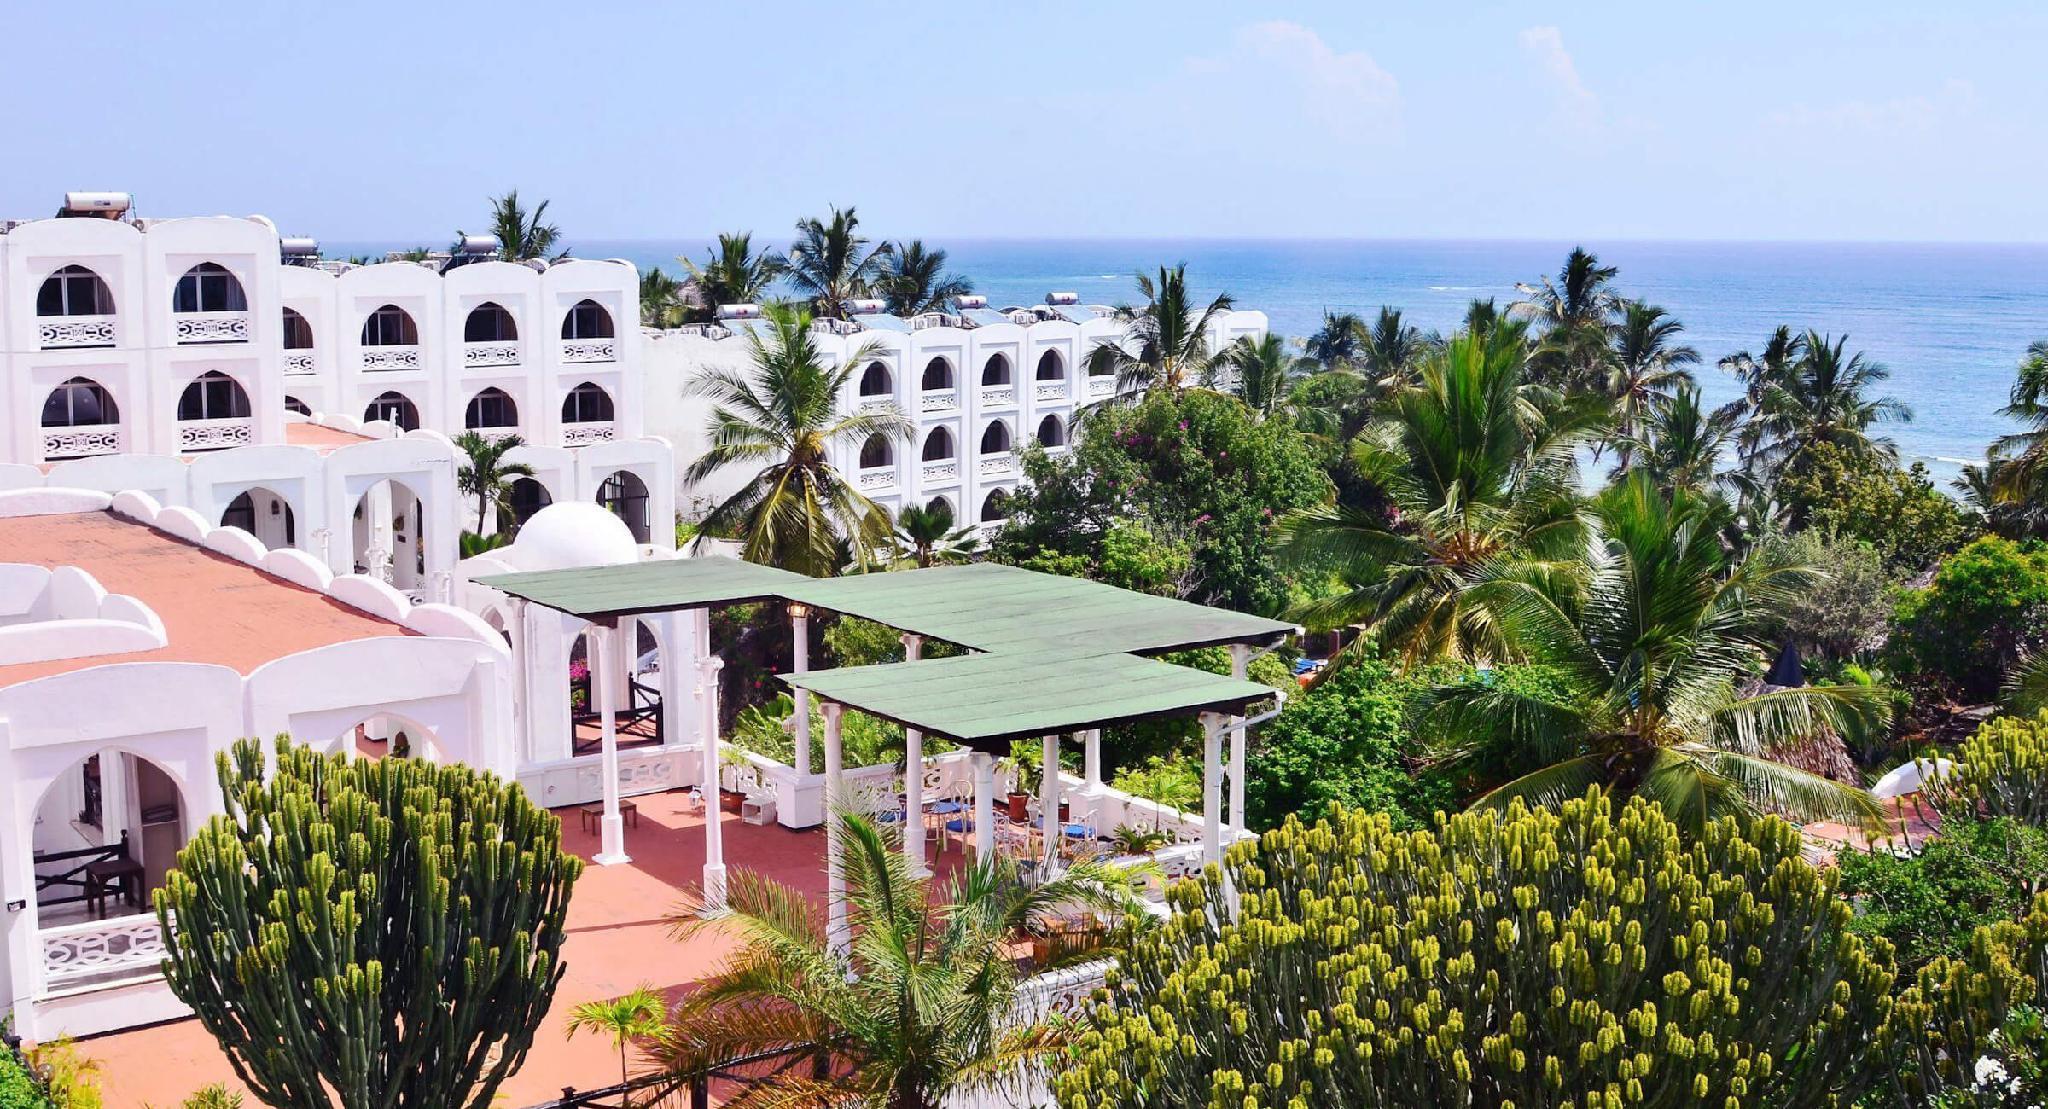 Kaskazi Beach Resort